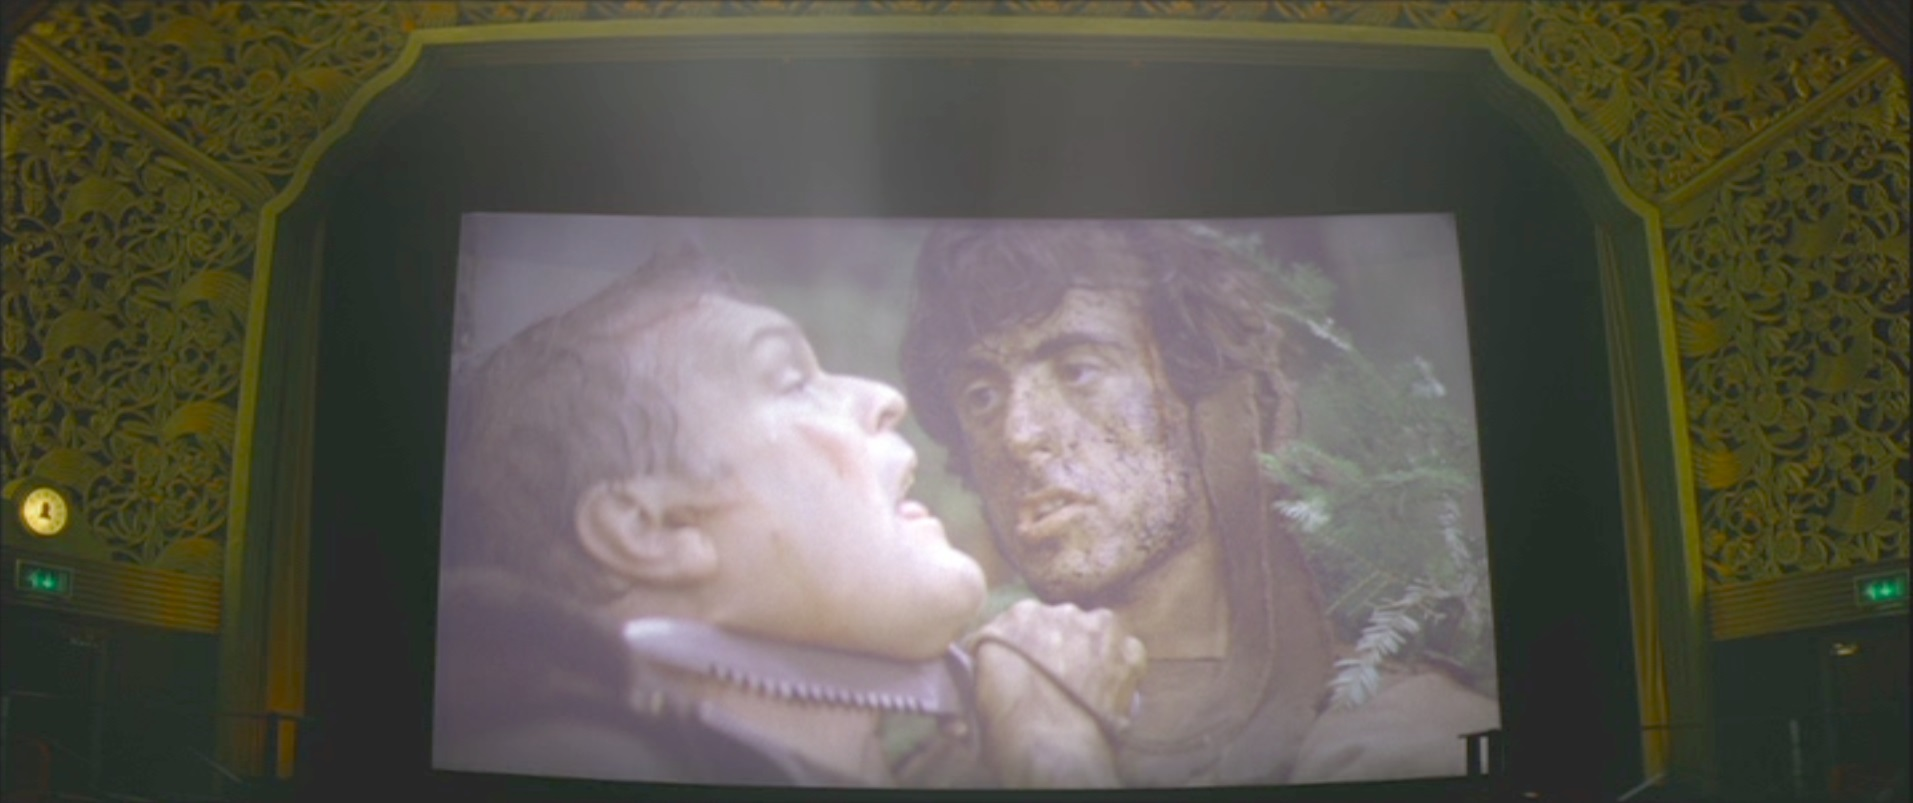 Son of Rambow film still 1